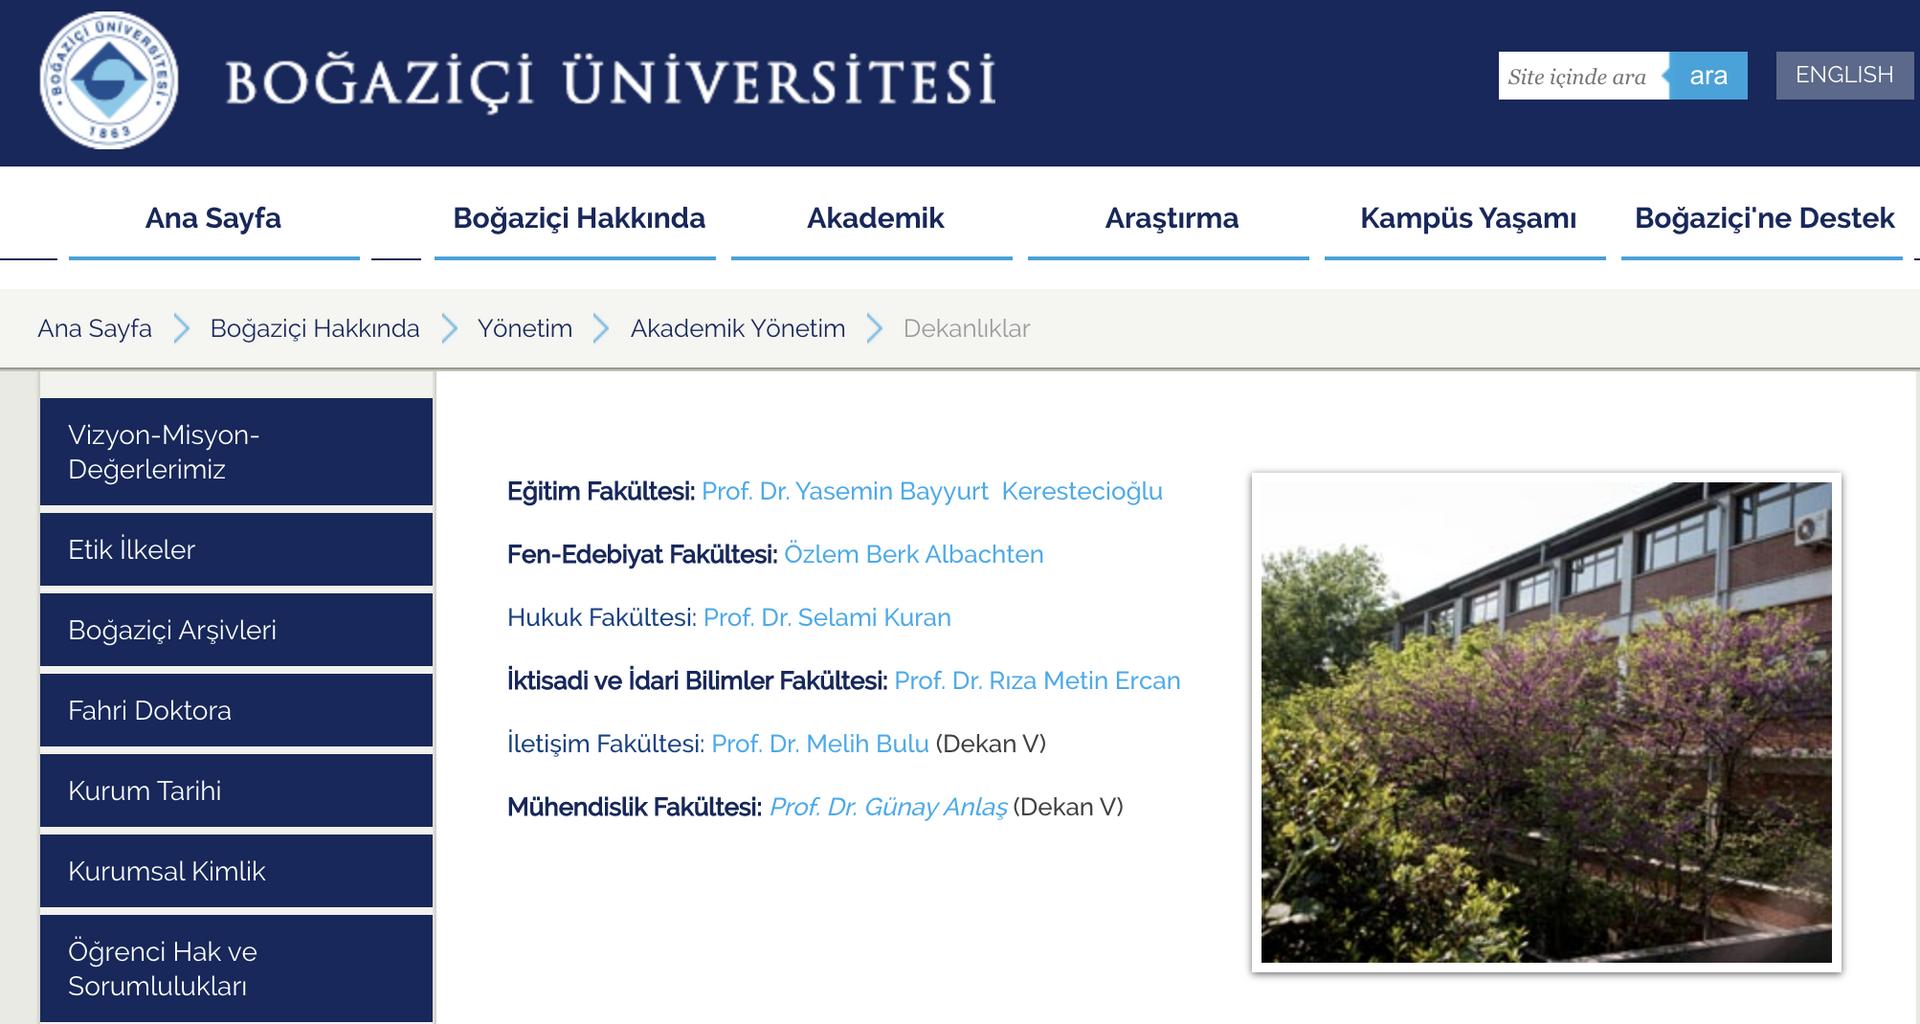 Prof. Bulu, Boğaziçi Üniversitesi'nde kurulan iletişim fakültesine vekaleten dekan olarak atandı - Sputnik Türkiye, 1920, 20.04.2021